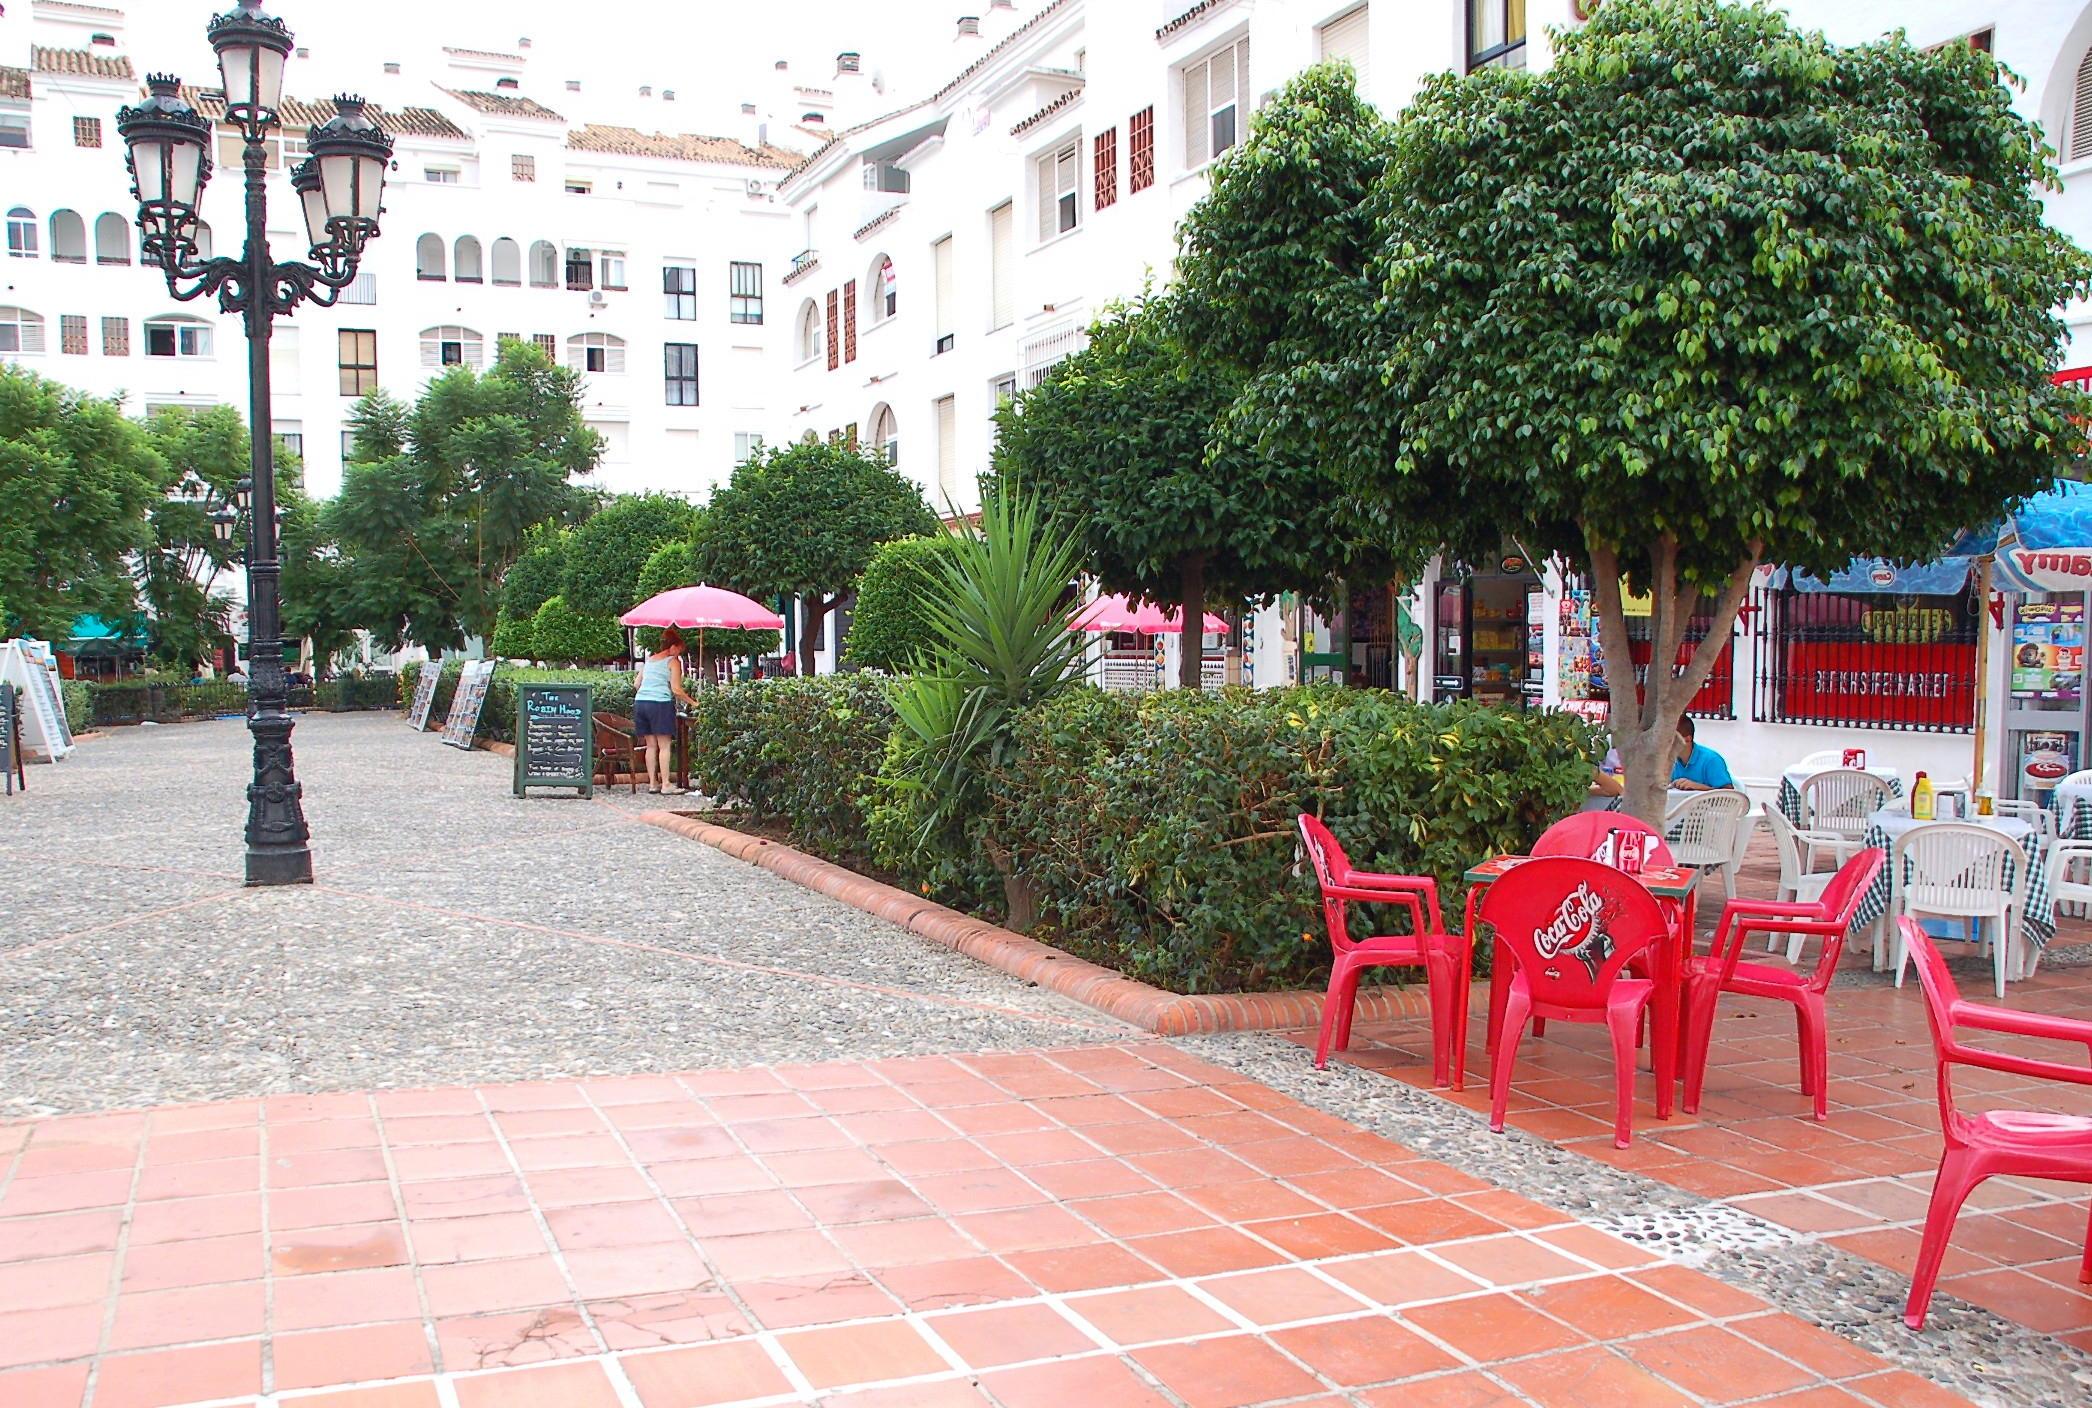 Bonanza Square